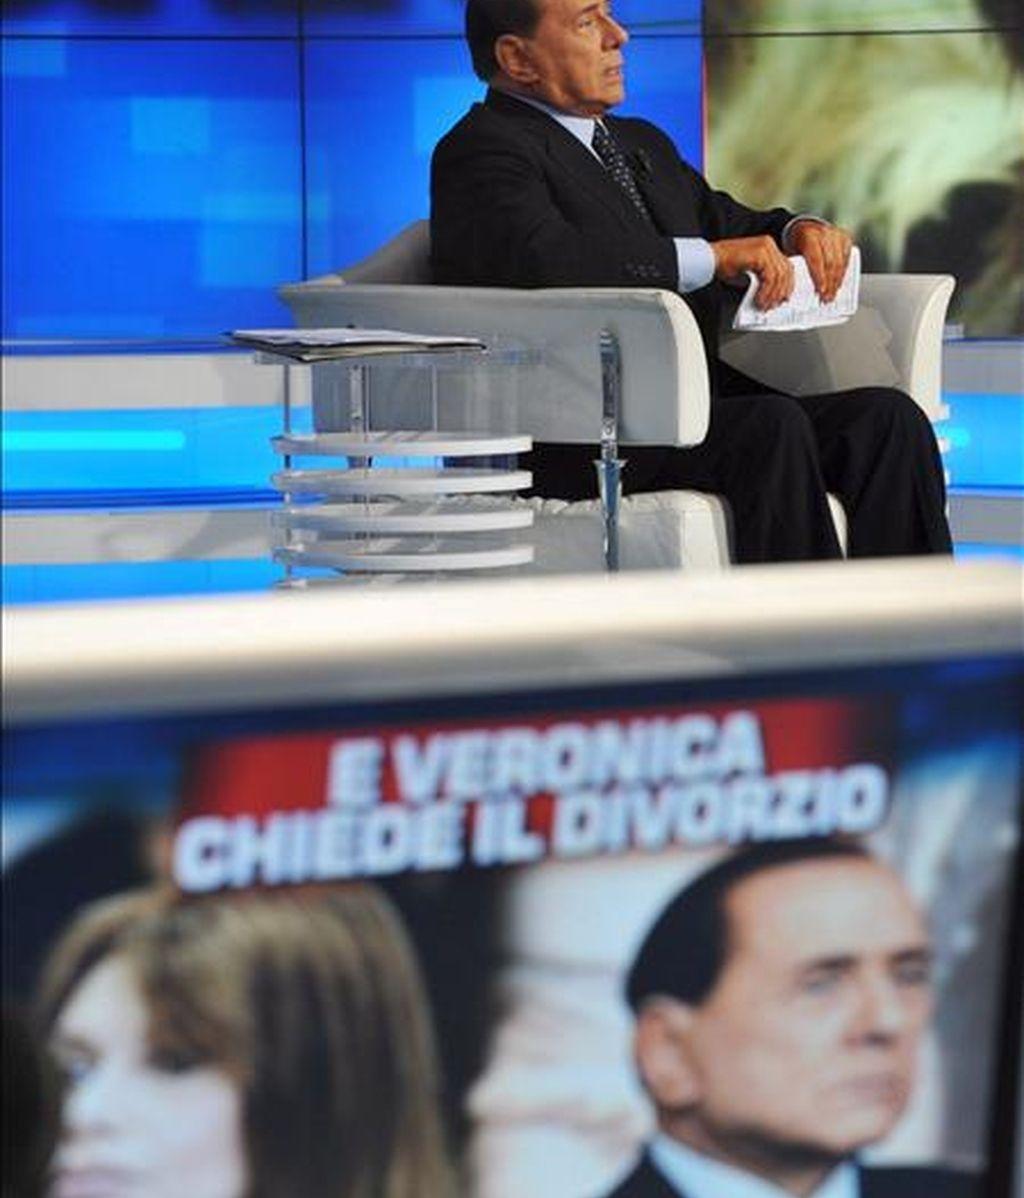 El primer ministro italiano Silvio Berlusconi durante su participación en el programa de la televisión pública italiana RAI1, 'Porta a porta', el pasado mes de mayo, en el que habló de la petición de divorcio de su esposa. EFE/Archivo